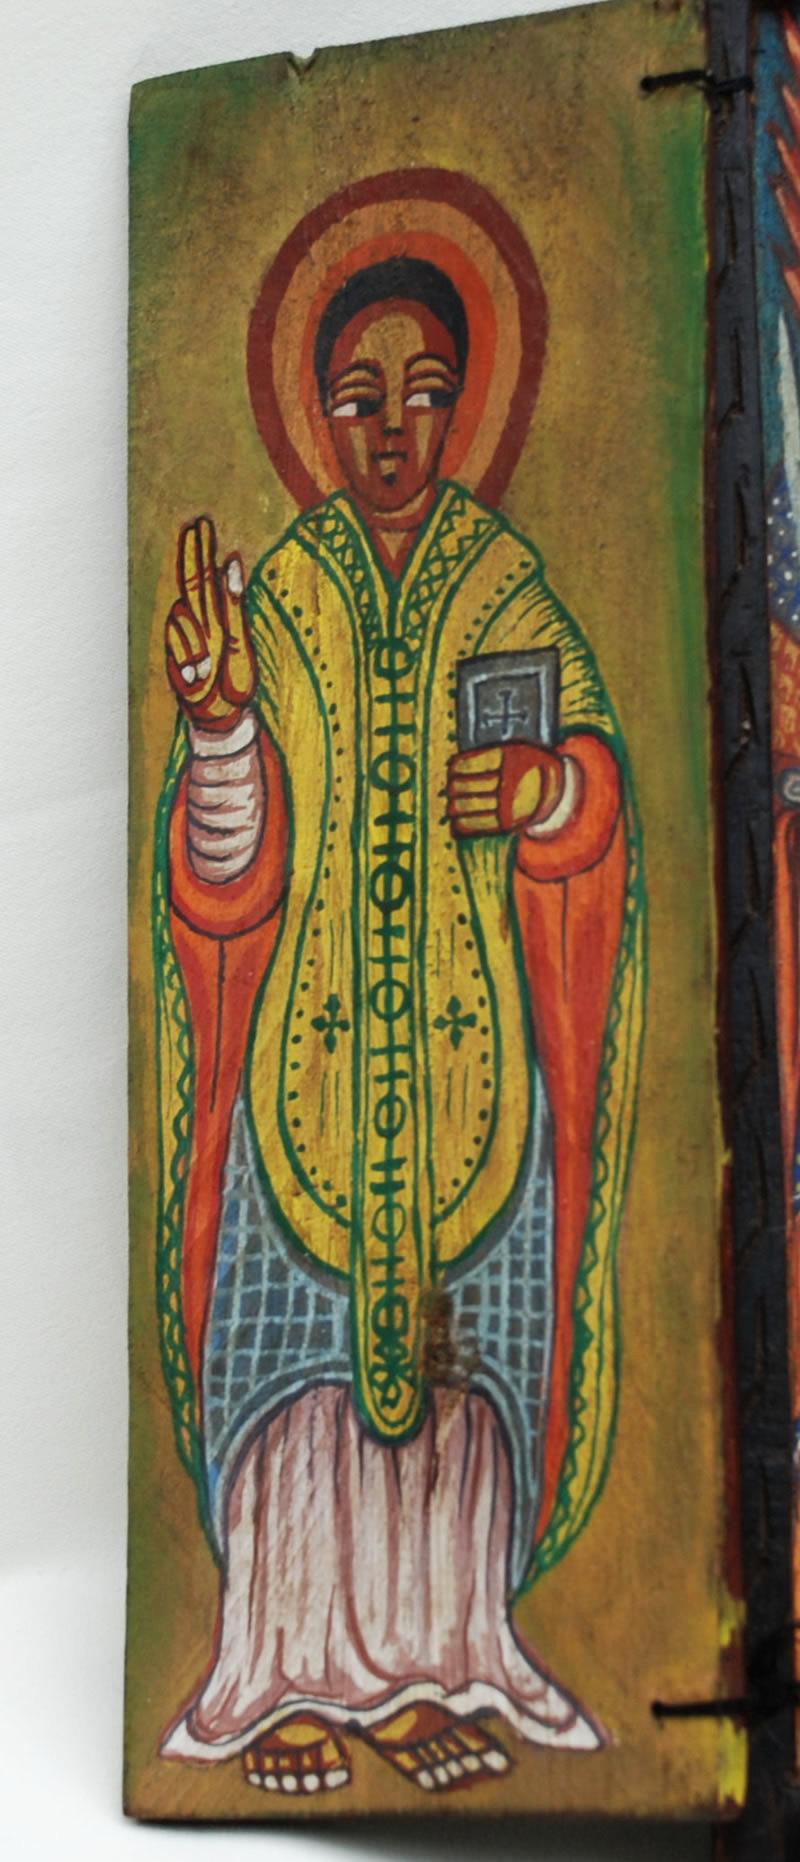 thiopien ikone koptisch orthodox diptychon ethiopia icon african art ethiopie ebay. Black Bedroom Furniture Sets. Home Design Ideas